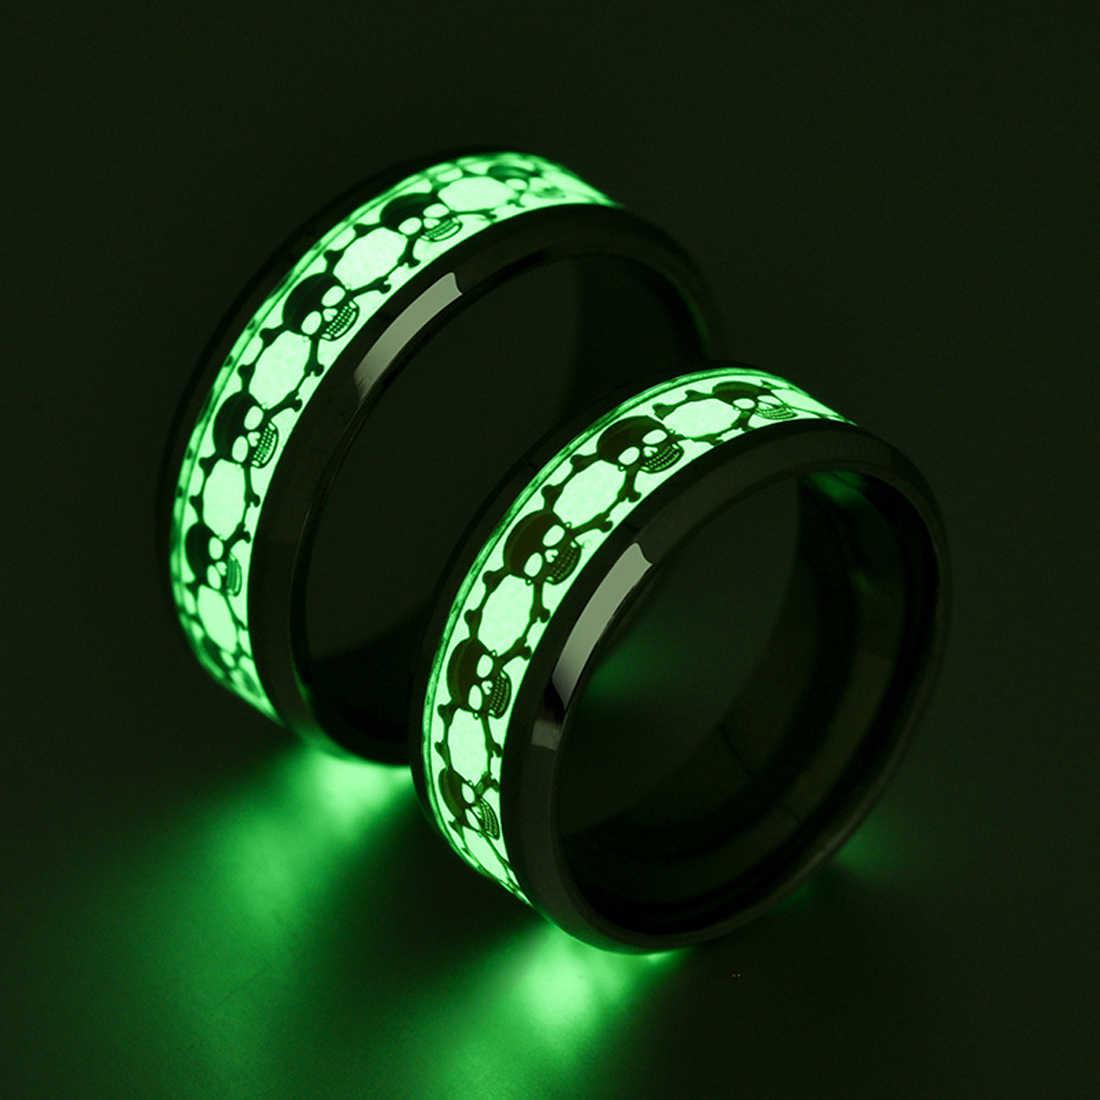 Пиратская голова призрака светящееся кольцо из нержавеющей стали кольцо индивидуальность оригинальные ювелирные изделия для женщин и мужчин кольцо на палец 8 мм